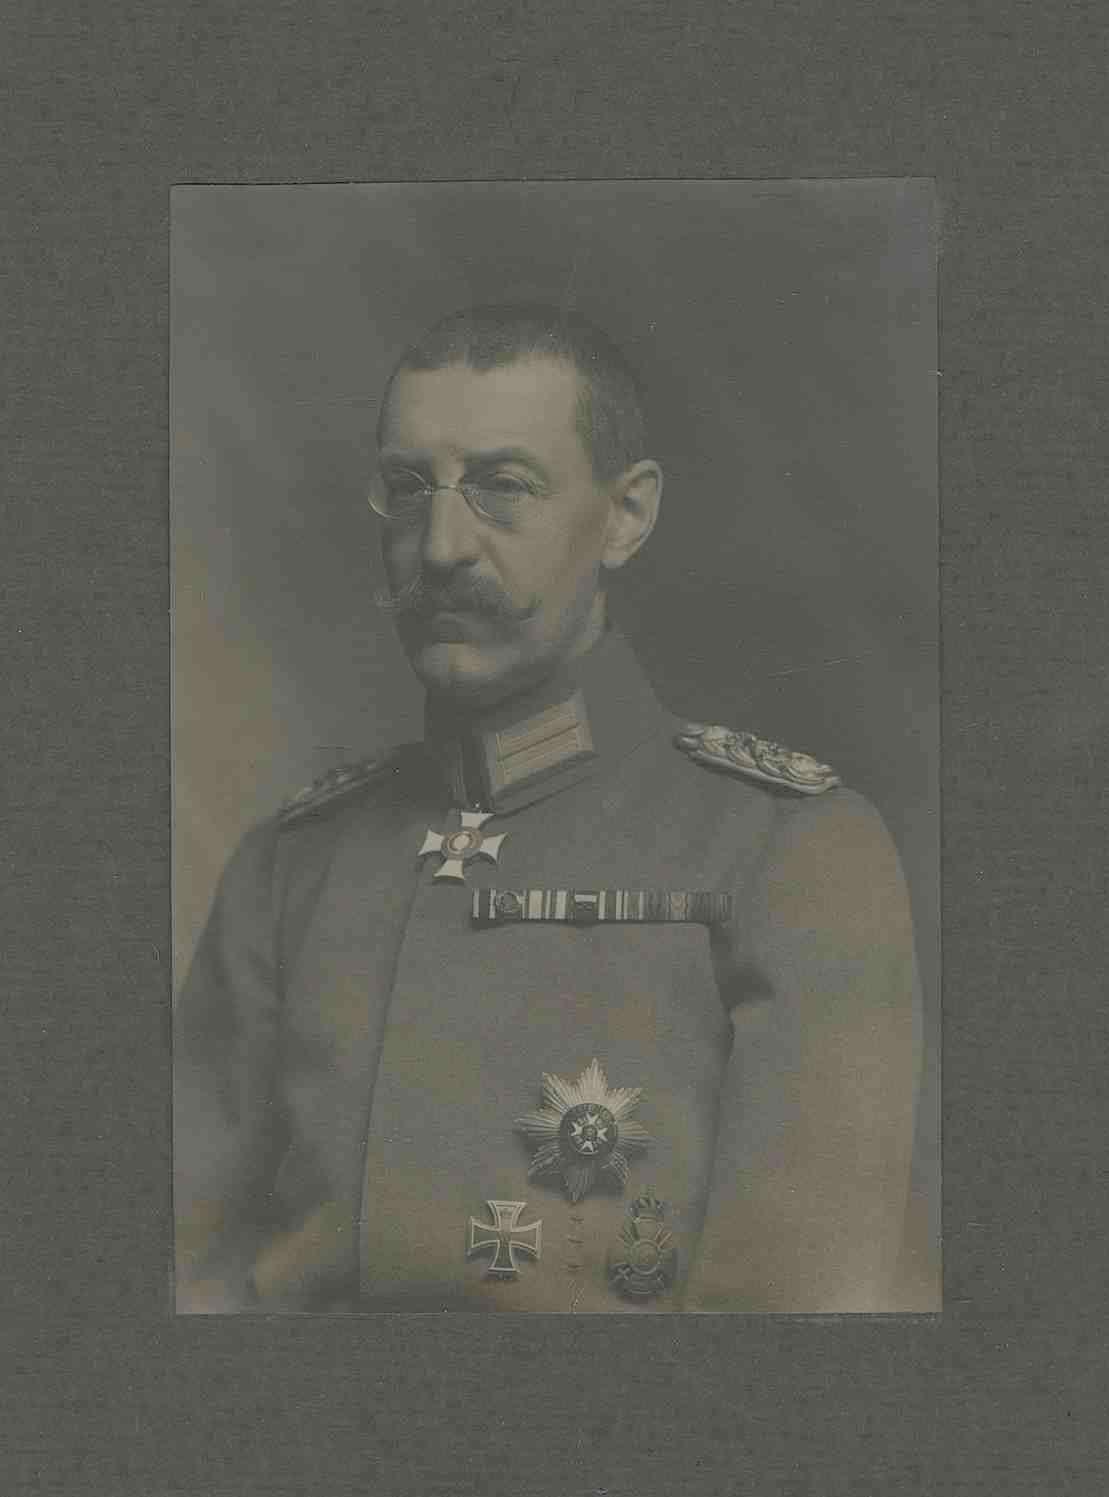 Herzog Wilhelm von Urach, Graf von Württemberg, General der Kavallerie, Kommandeur des Württ. General-Kommandos z. b. V. (zur besonderen Verwendung) 64 in Uniform mit Orden, Brustbild in Halbprofil, Bild 1